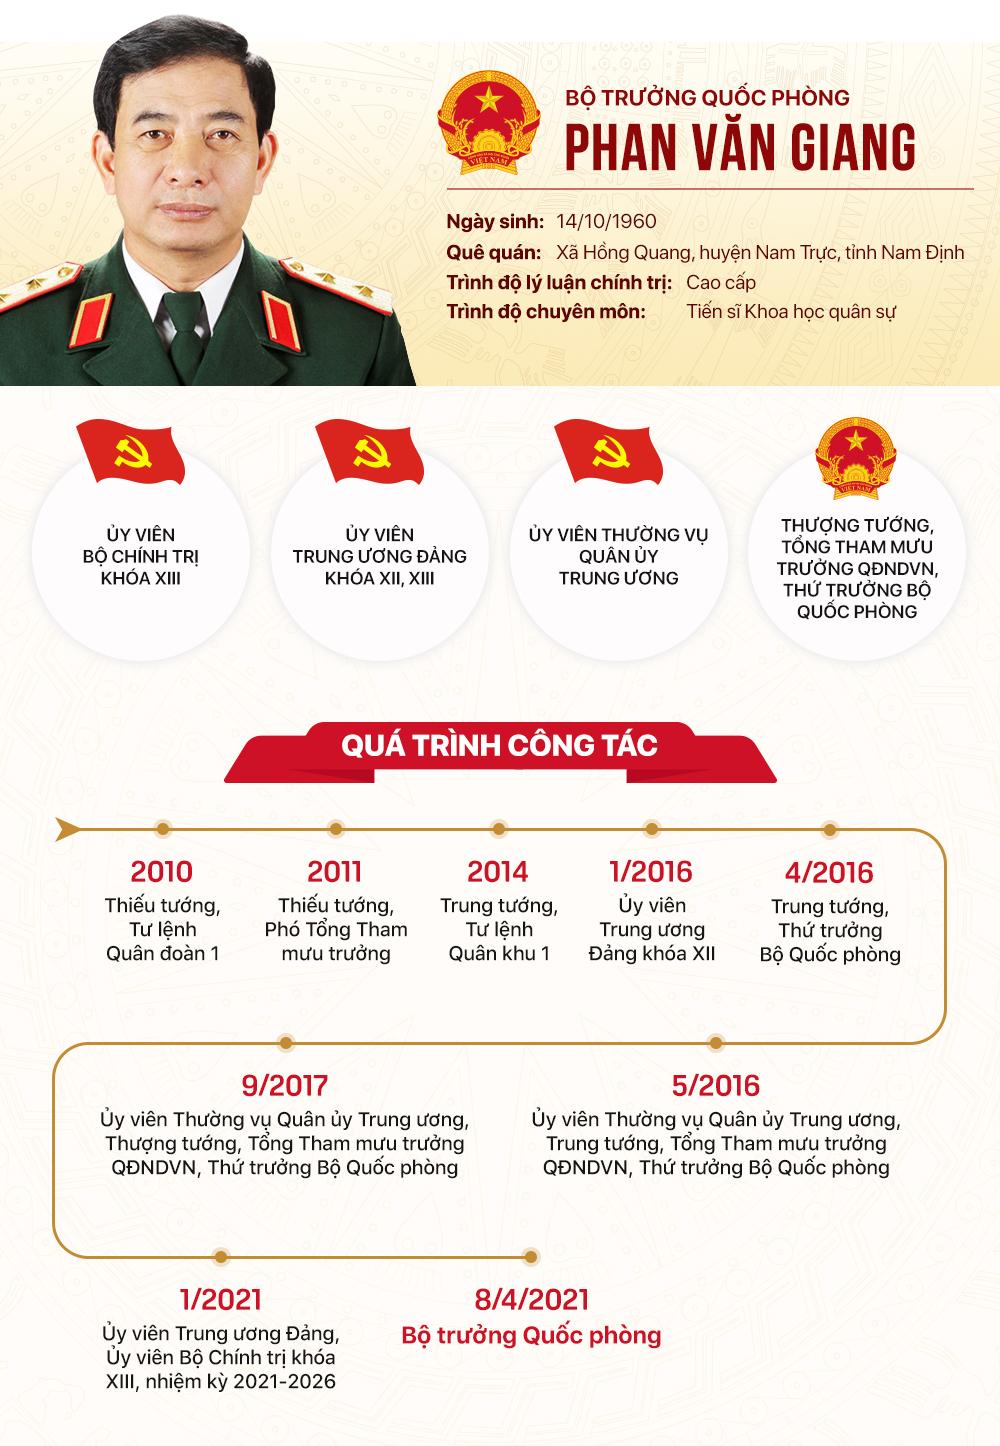 Tiểu sử tân Bộ trưởng Quốc phòng Phan Văn Giang - Ảnh 1.